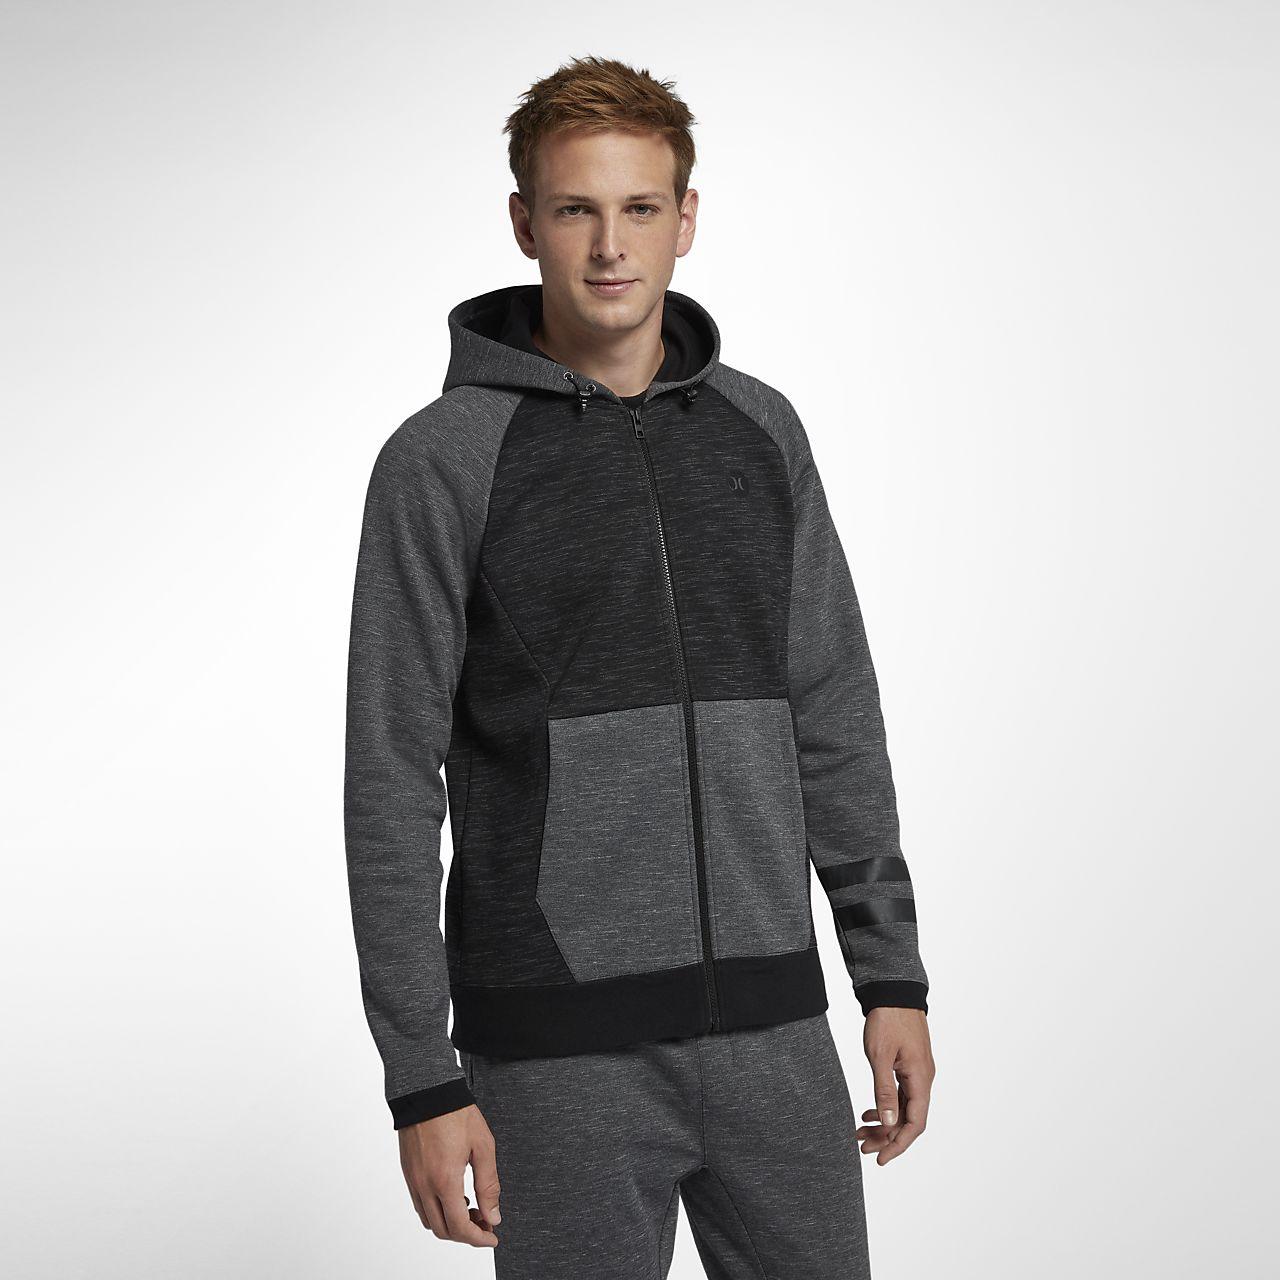 Hurley Phantom-fleecehættetrøje med lynlås i fuld længde til mænd